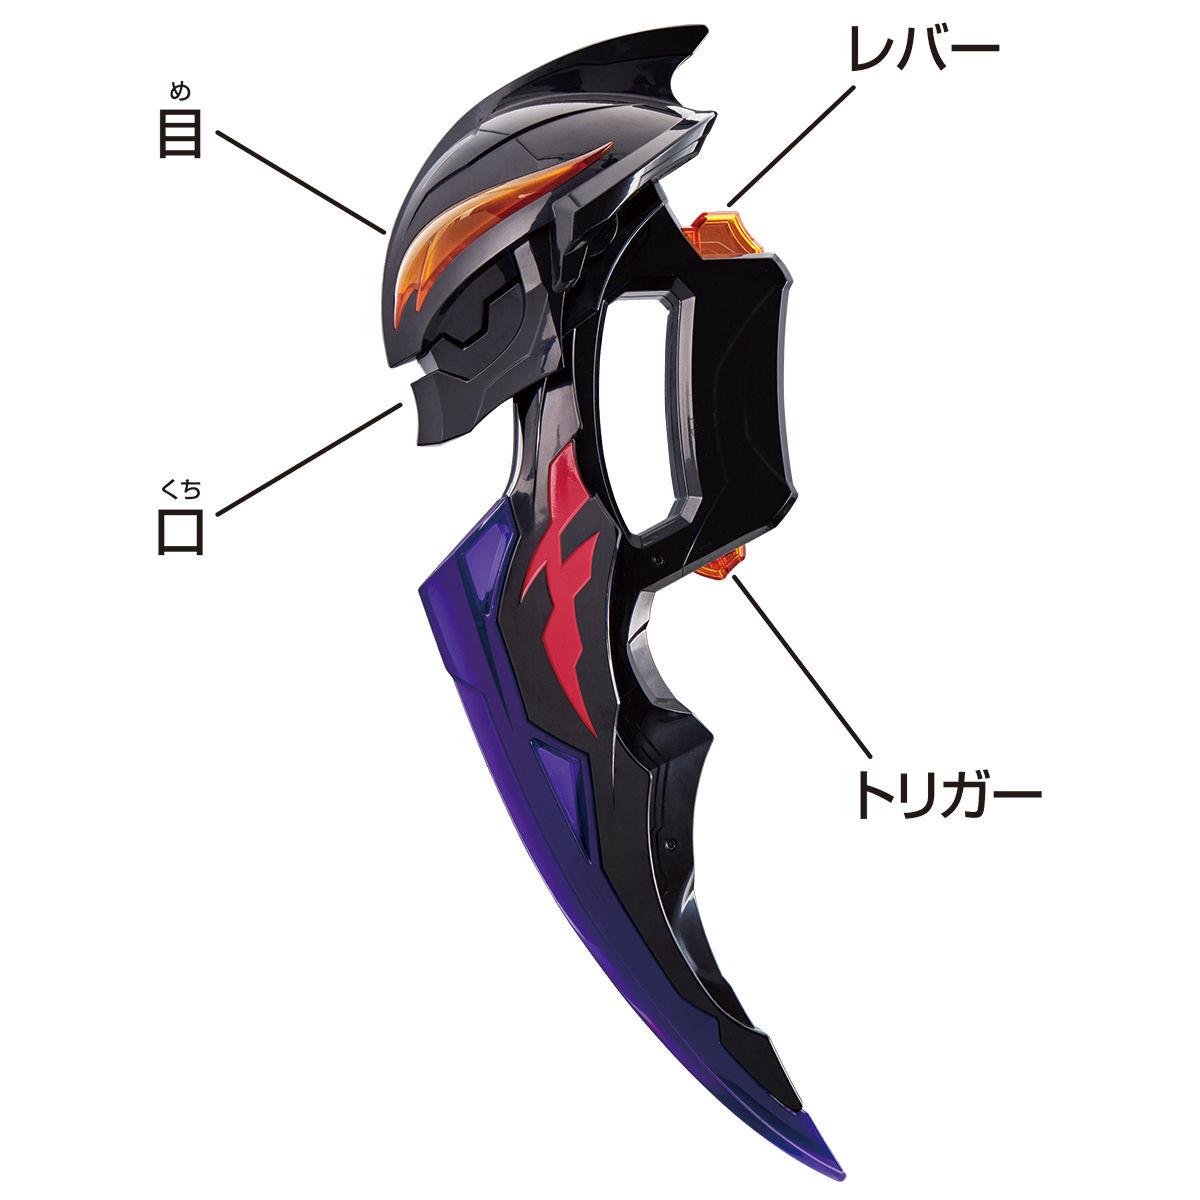 ウルトラマンZ『幻界魔剣 DXベリアロク』変身なりきり-002